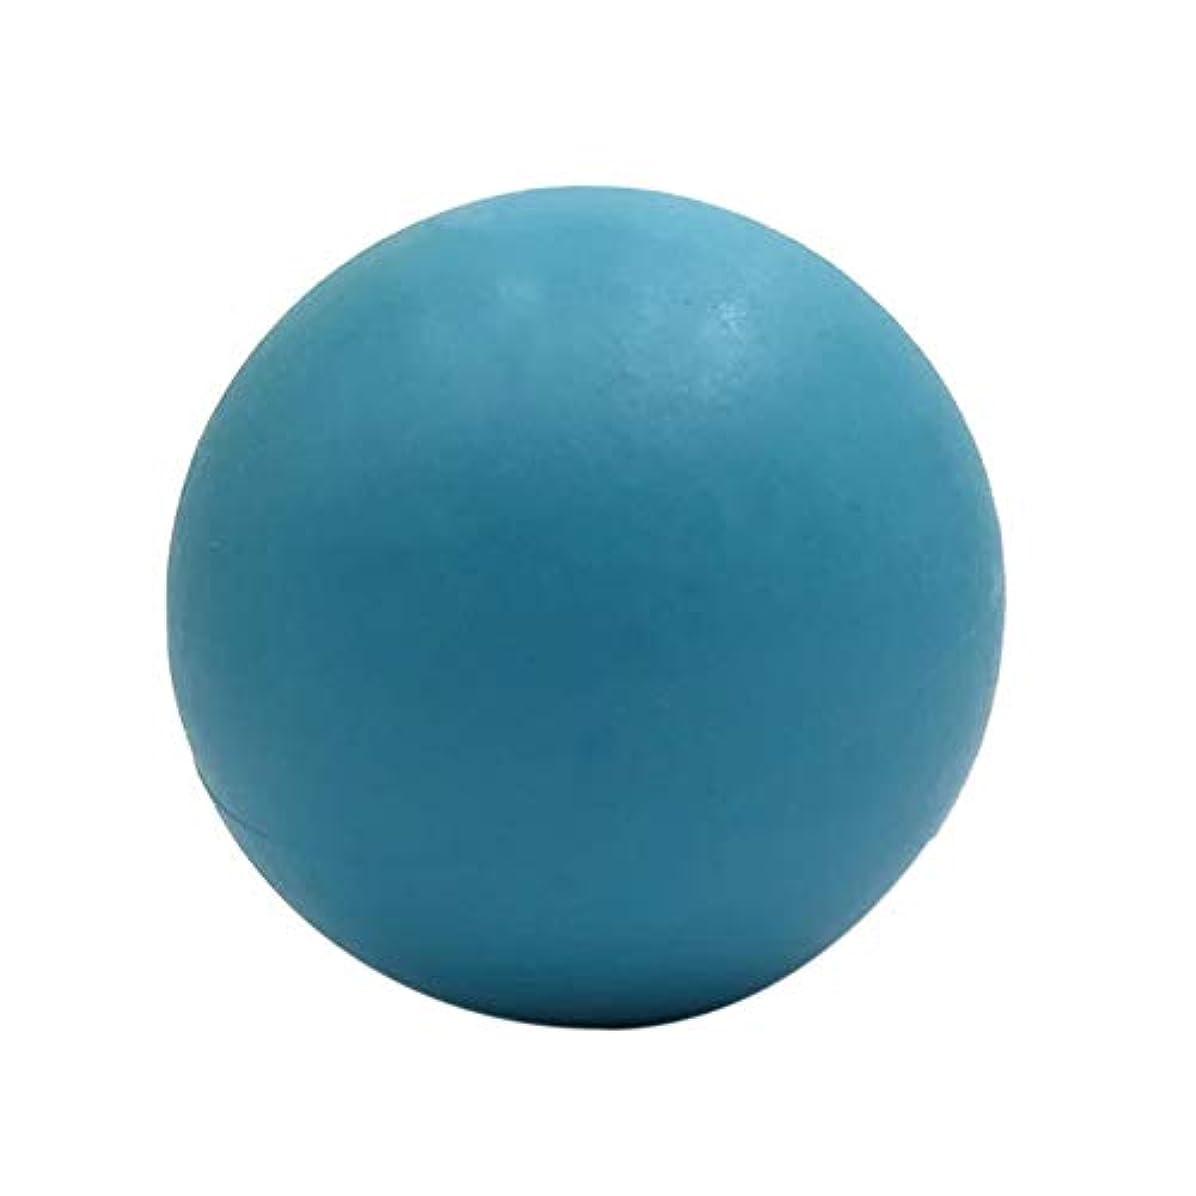 マッサージボール ストレッチボール疲れ解消ボール〕 トリガーポイント 筋膜リリース 「 肩/背中/腰/ふくらはぎ/足裏 」 ツボ押しグッズ(ブルー)